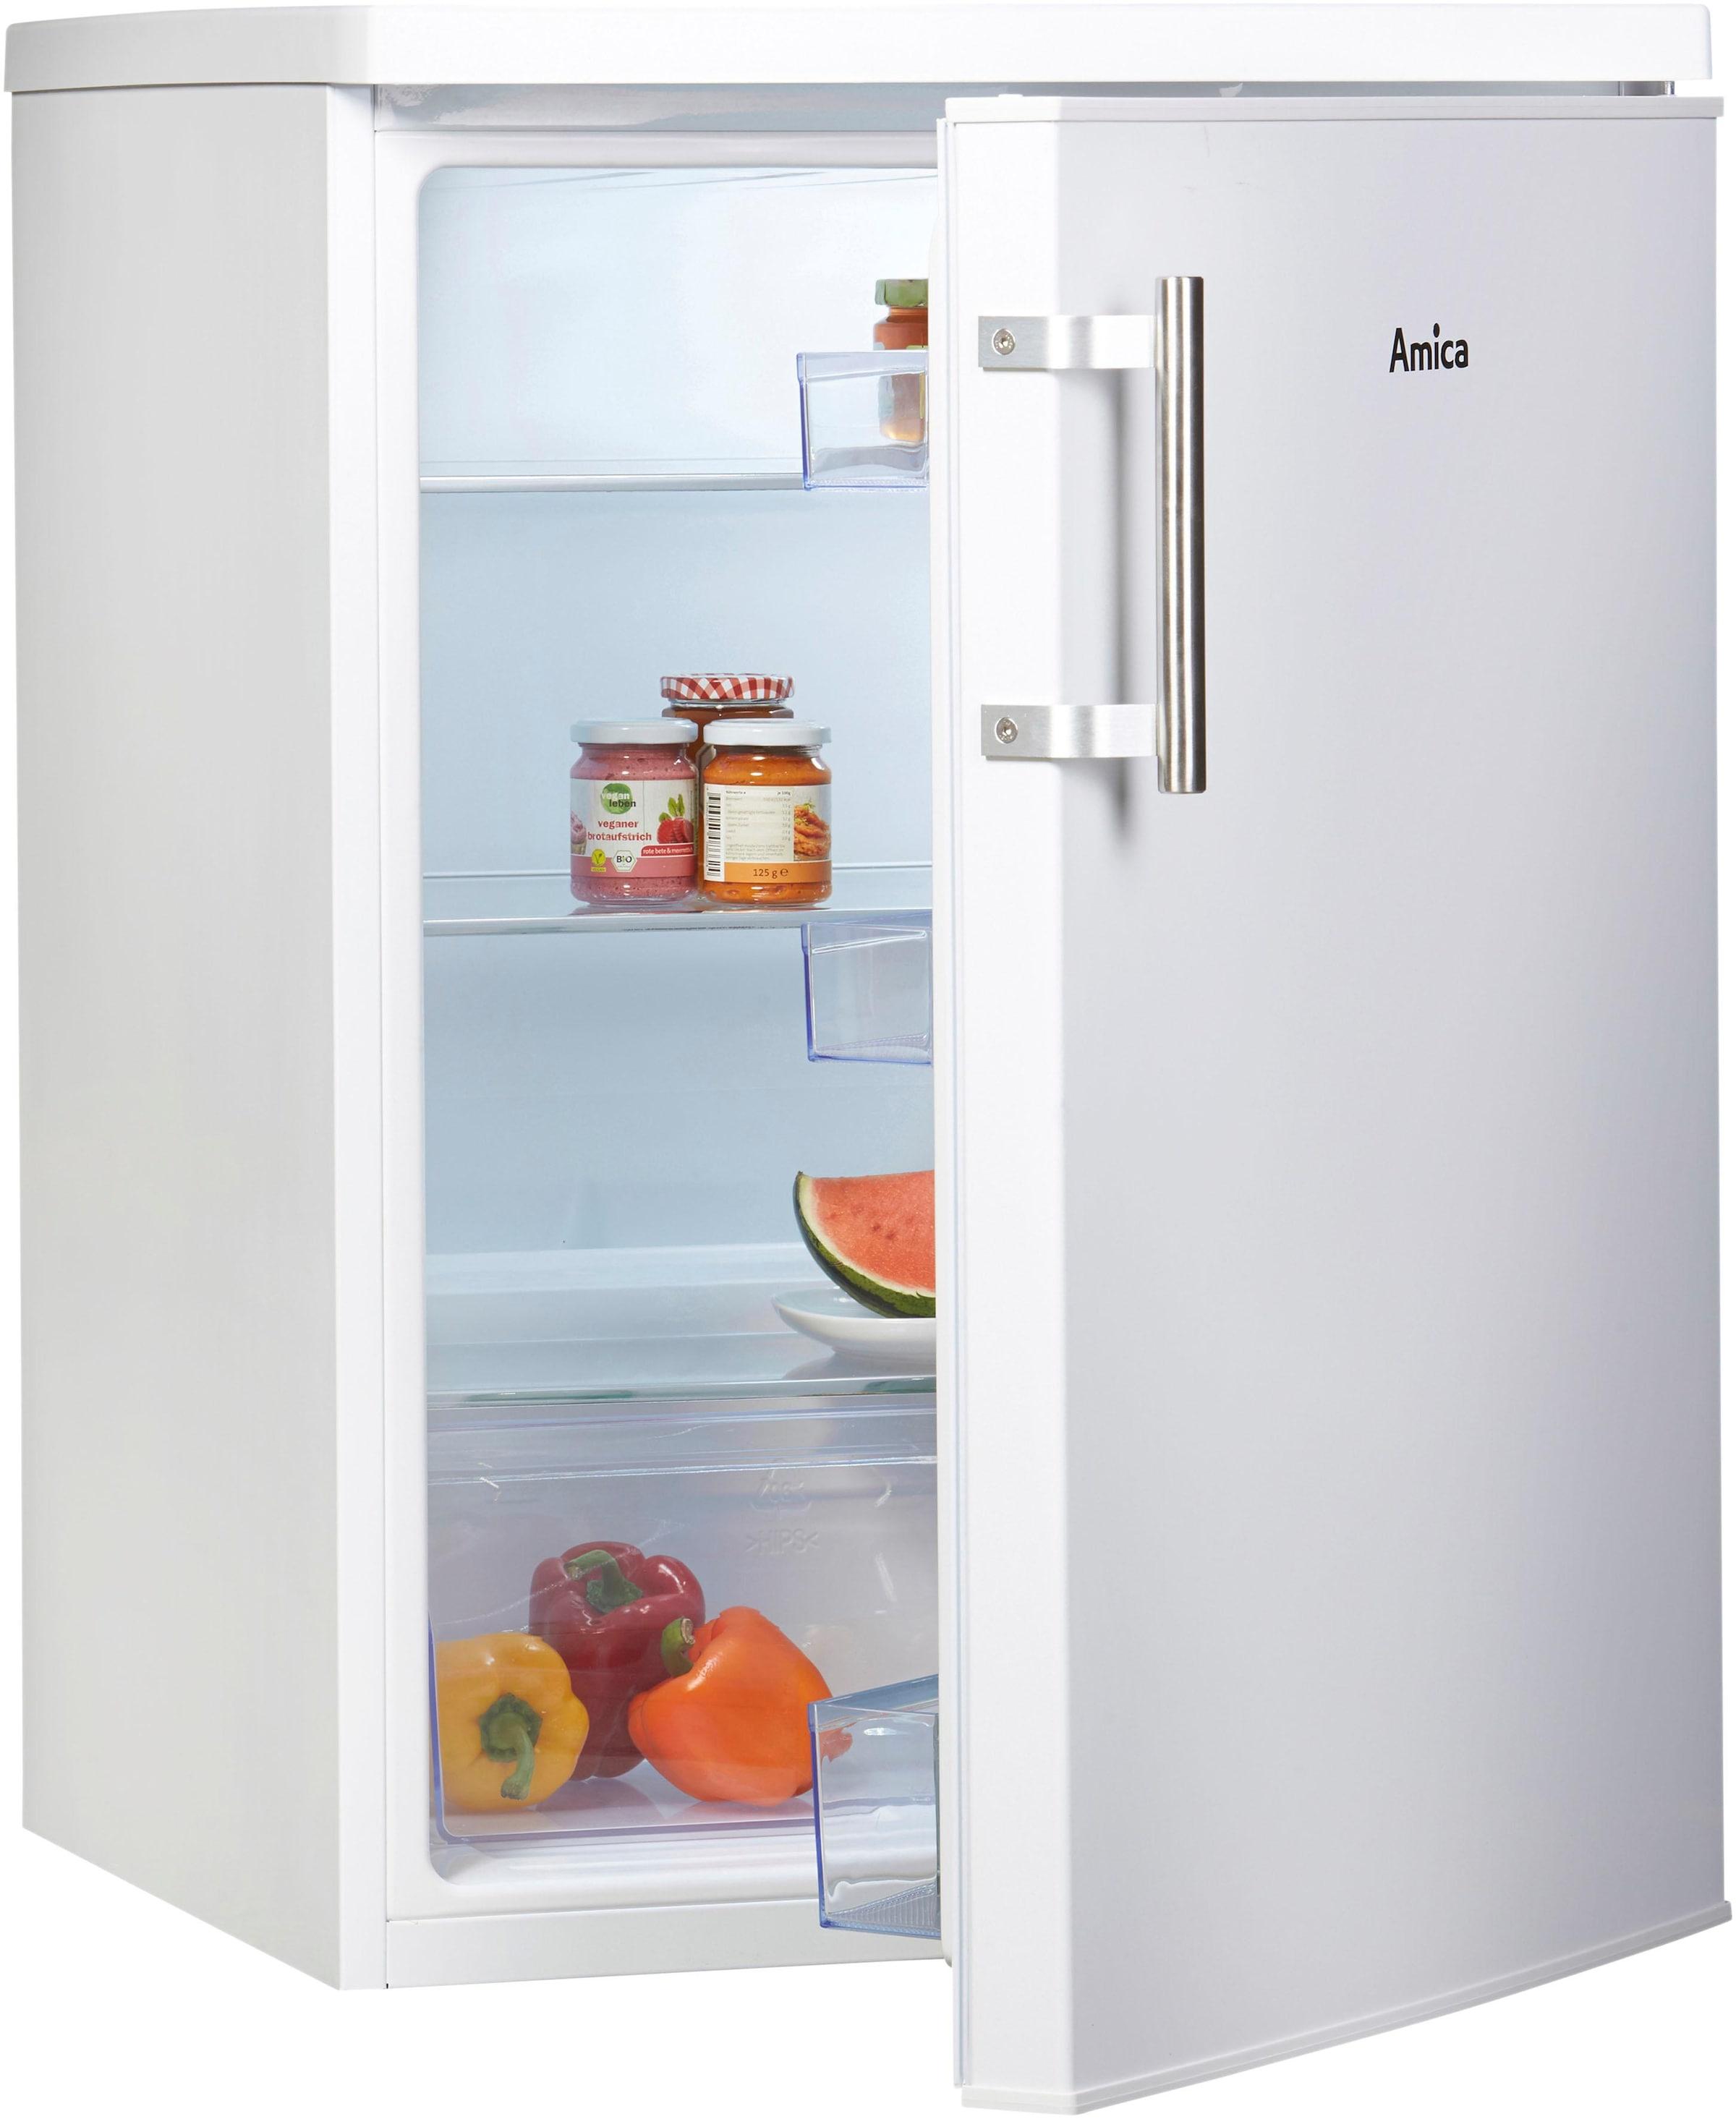 Amica Kühlschrank Ohne Gefrierfach : Kühlschränke ohne gefrierfach bei baur auf raten kaufen